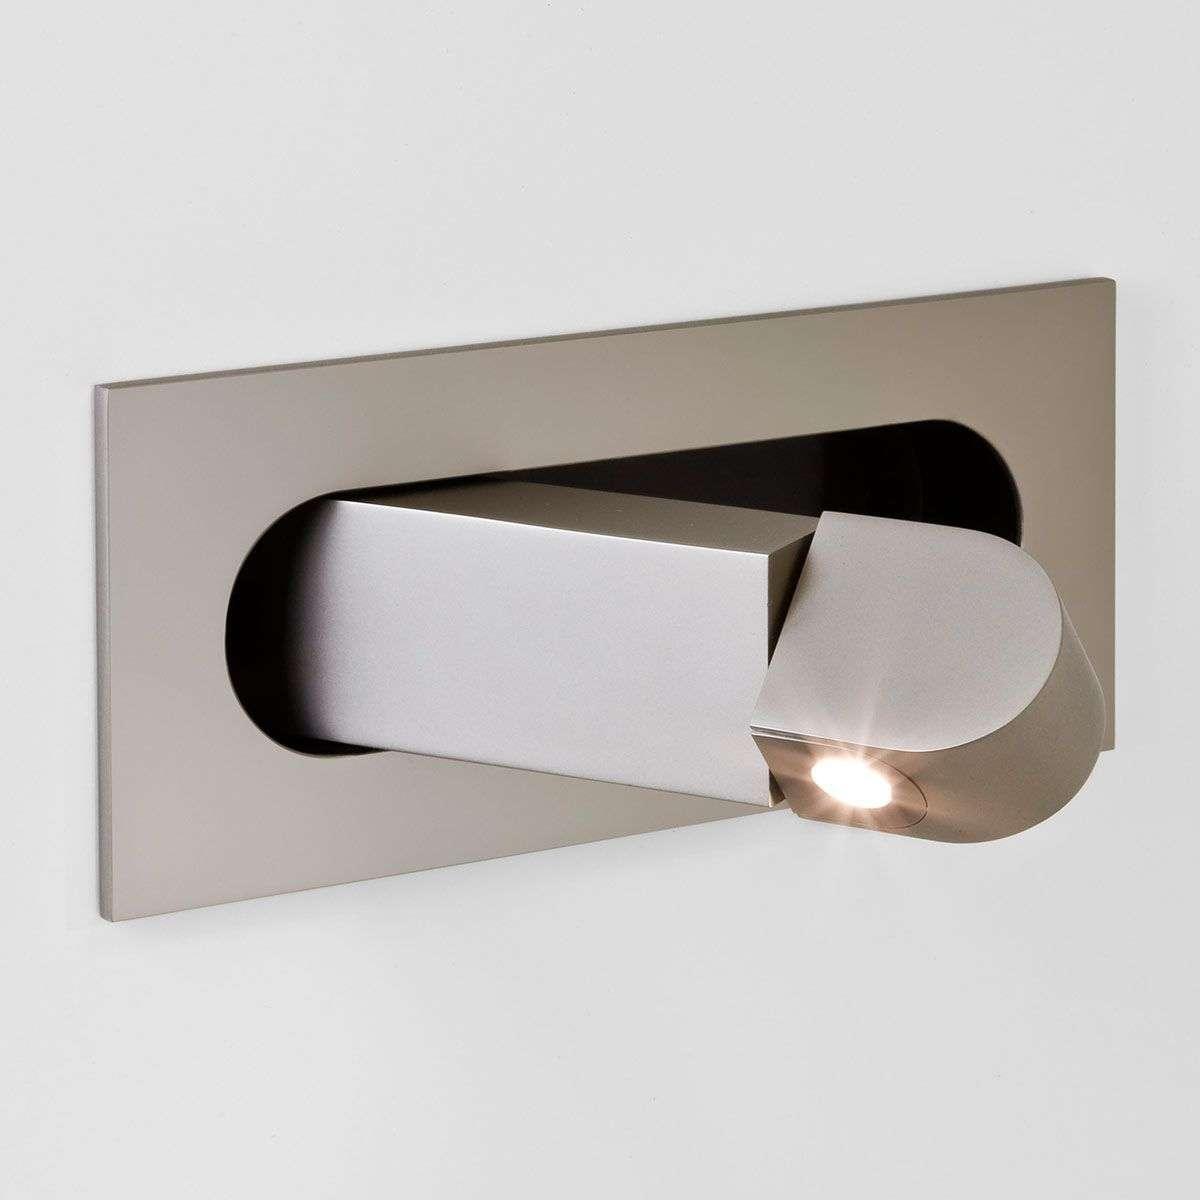 LED-seinävalaisin Digit lukuvalona, nikkeli-1020476-34